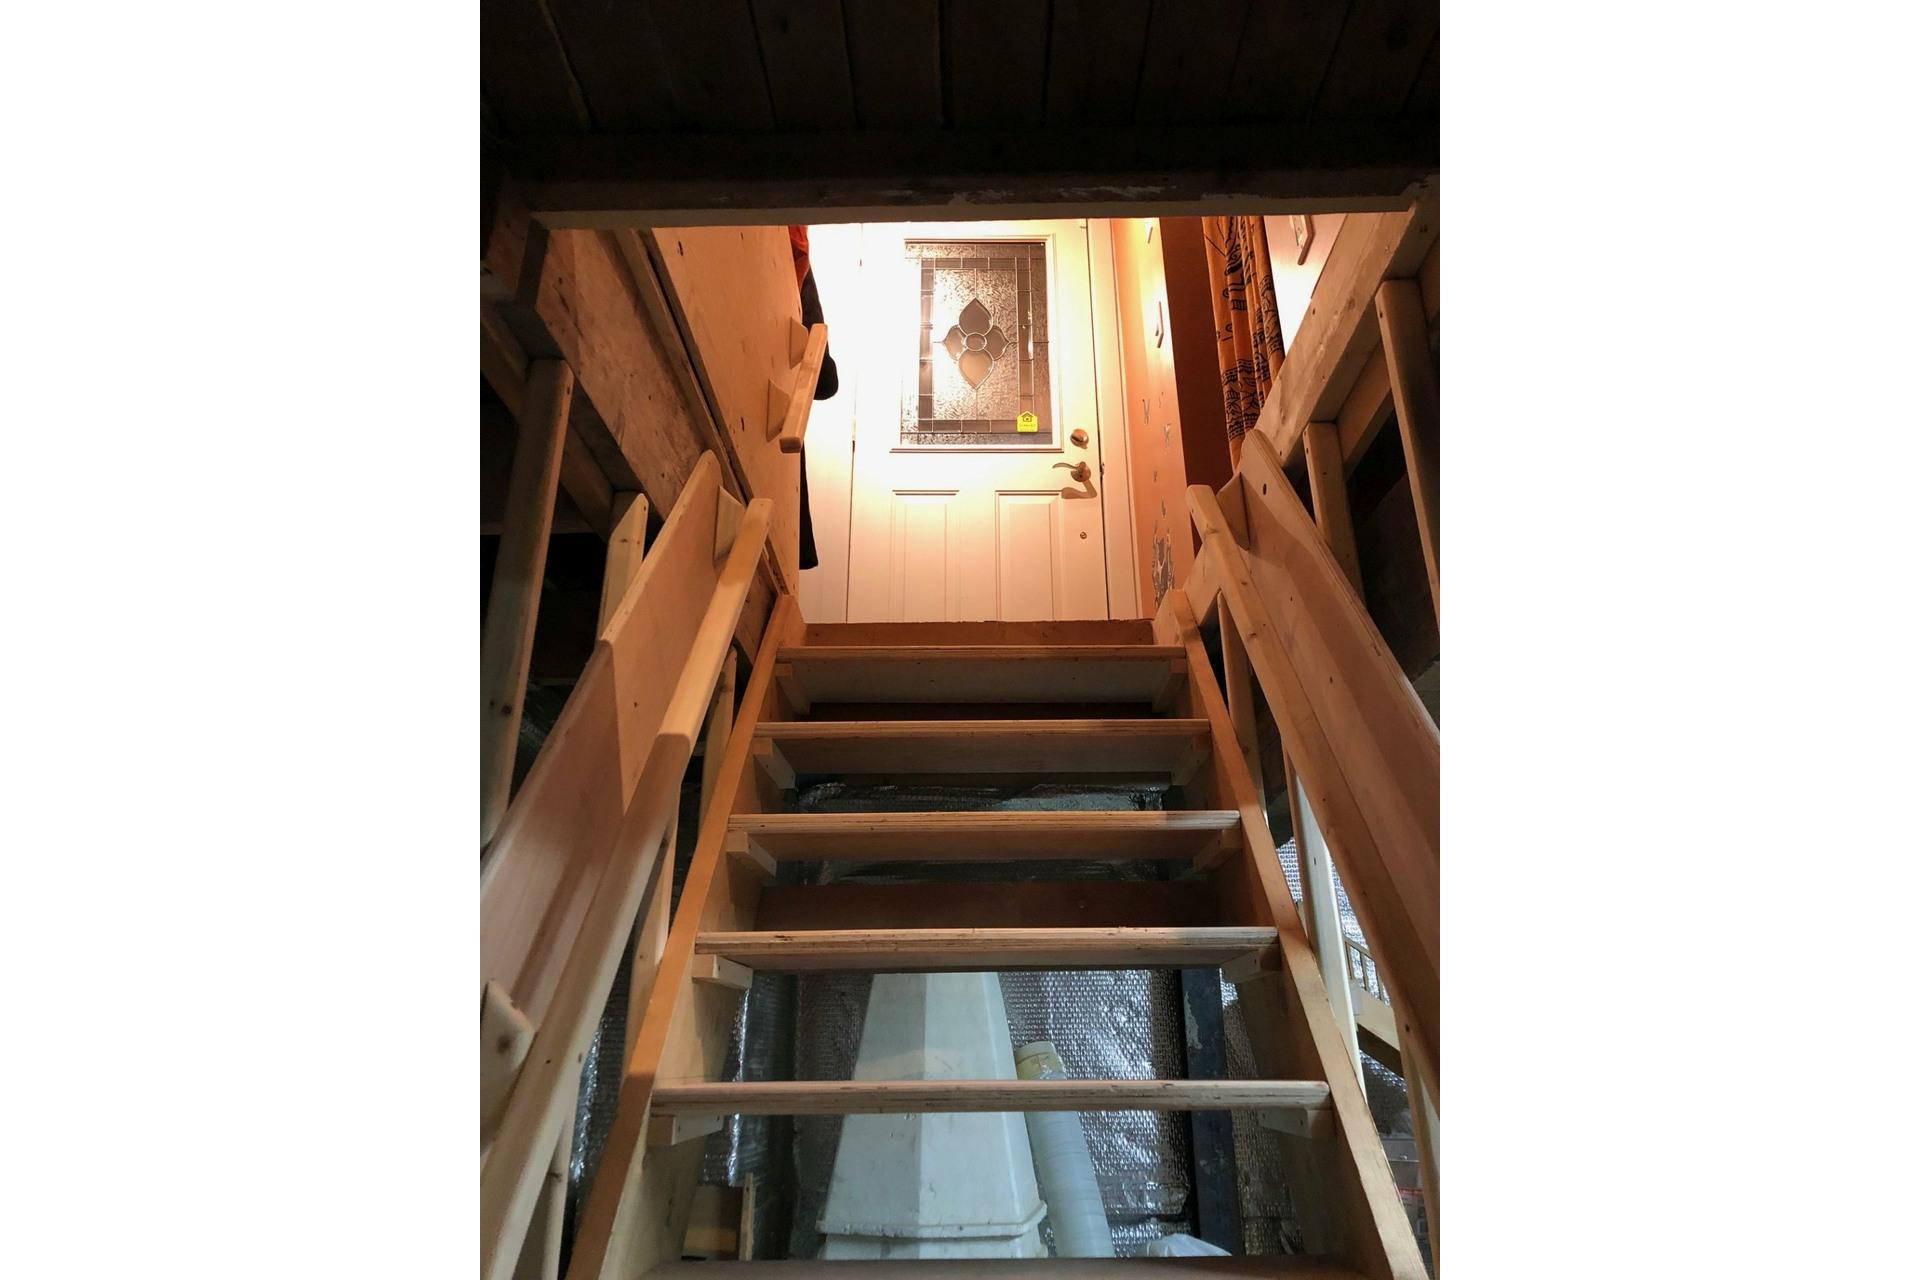 image 21 - House For sale Lachine Montréal  - 5 rooms